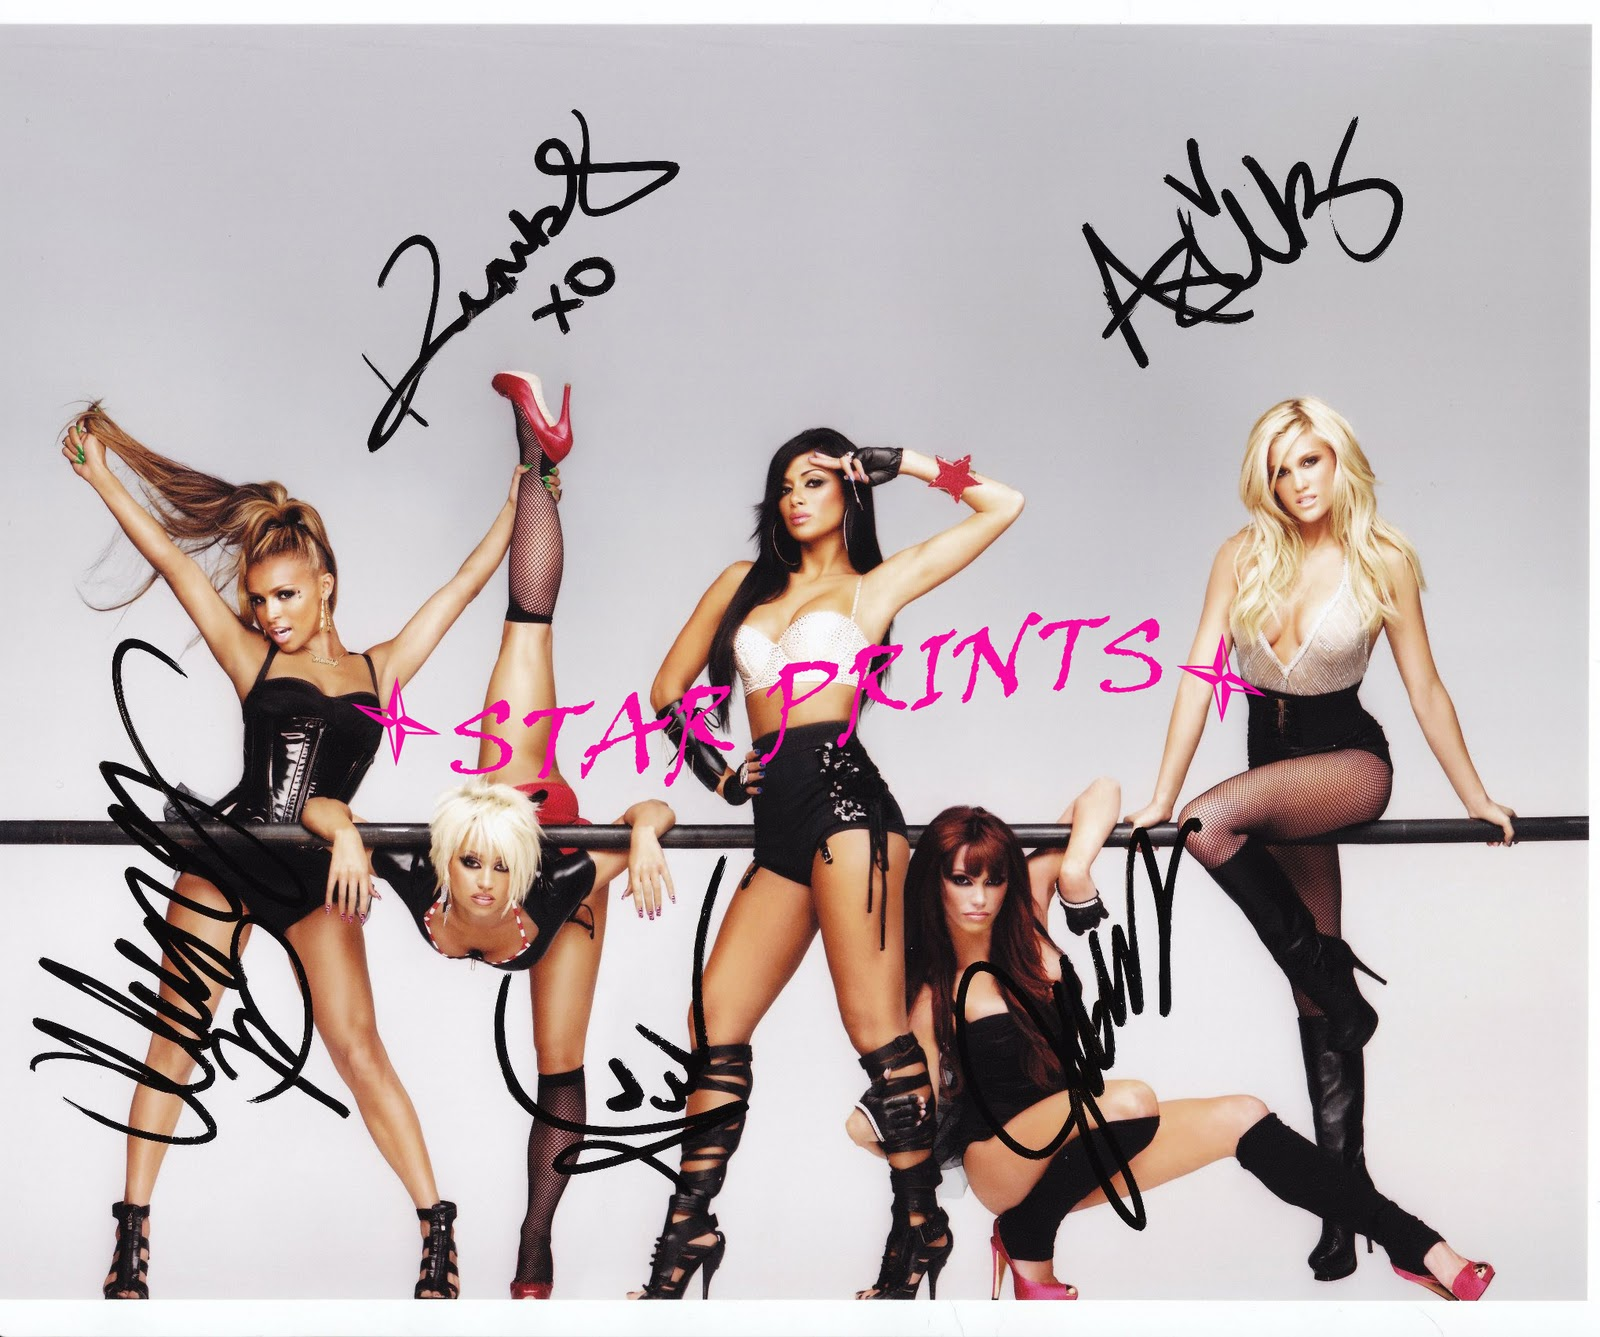 http://3.bp.blogspot.com/_7Jc7ZZC_PyM/TT874XvehoI/AAAAAAAAAq0/QZpv6jrRq7s/s1600/Pussycat+Dolls+copy.jpg